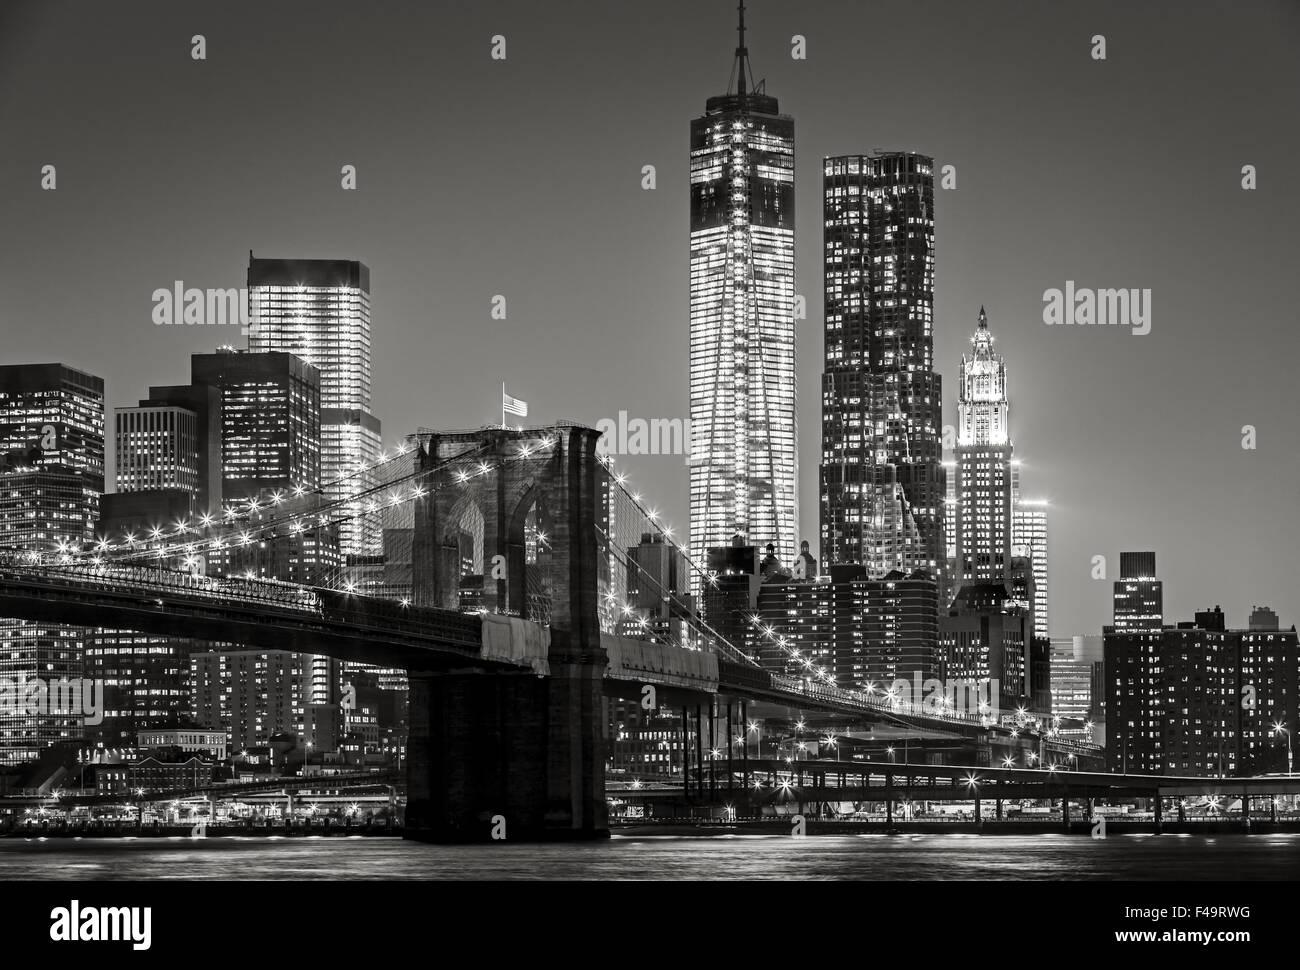 Paisaje urbano en blanco y negro por la noche. Vista del Puente de Brooklyn, Manhattan y el distrito financiero Imagen De Stock